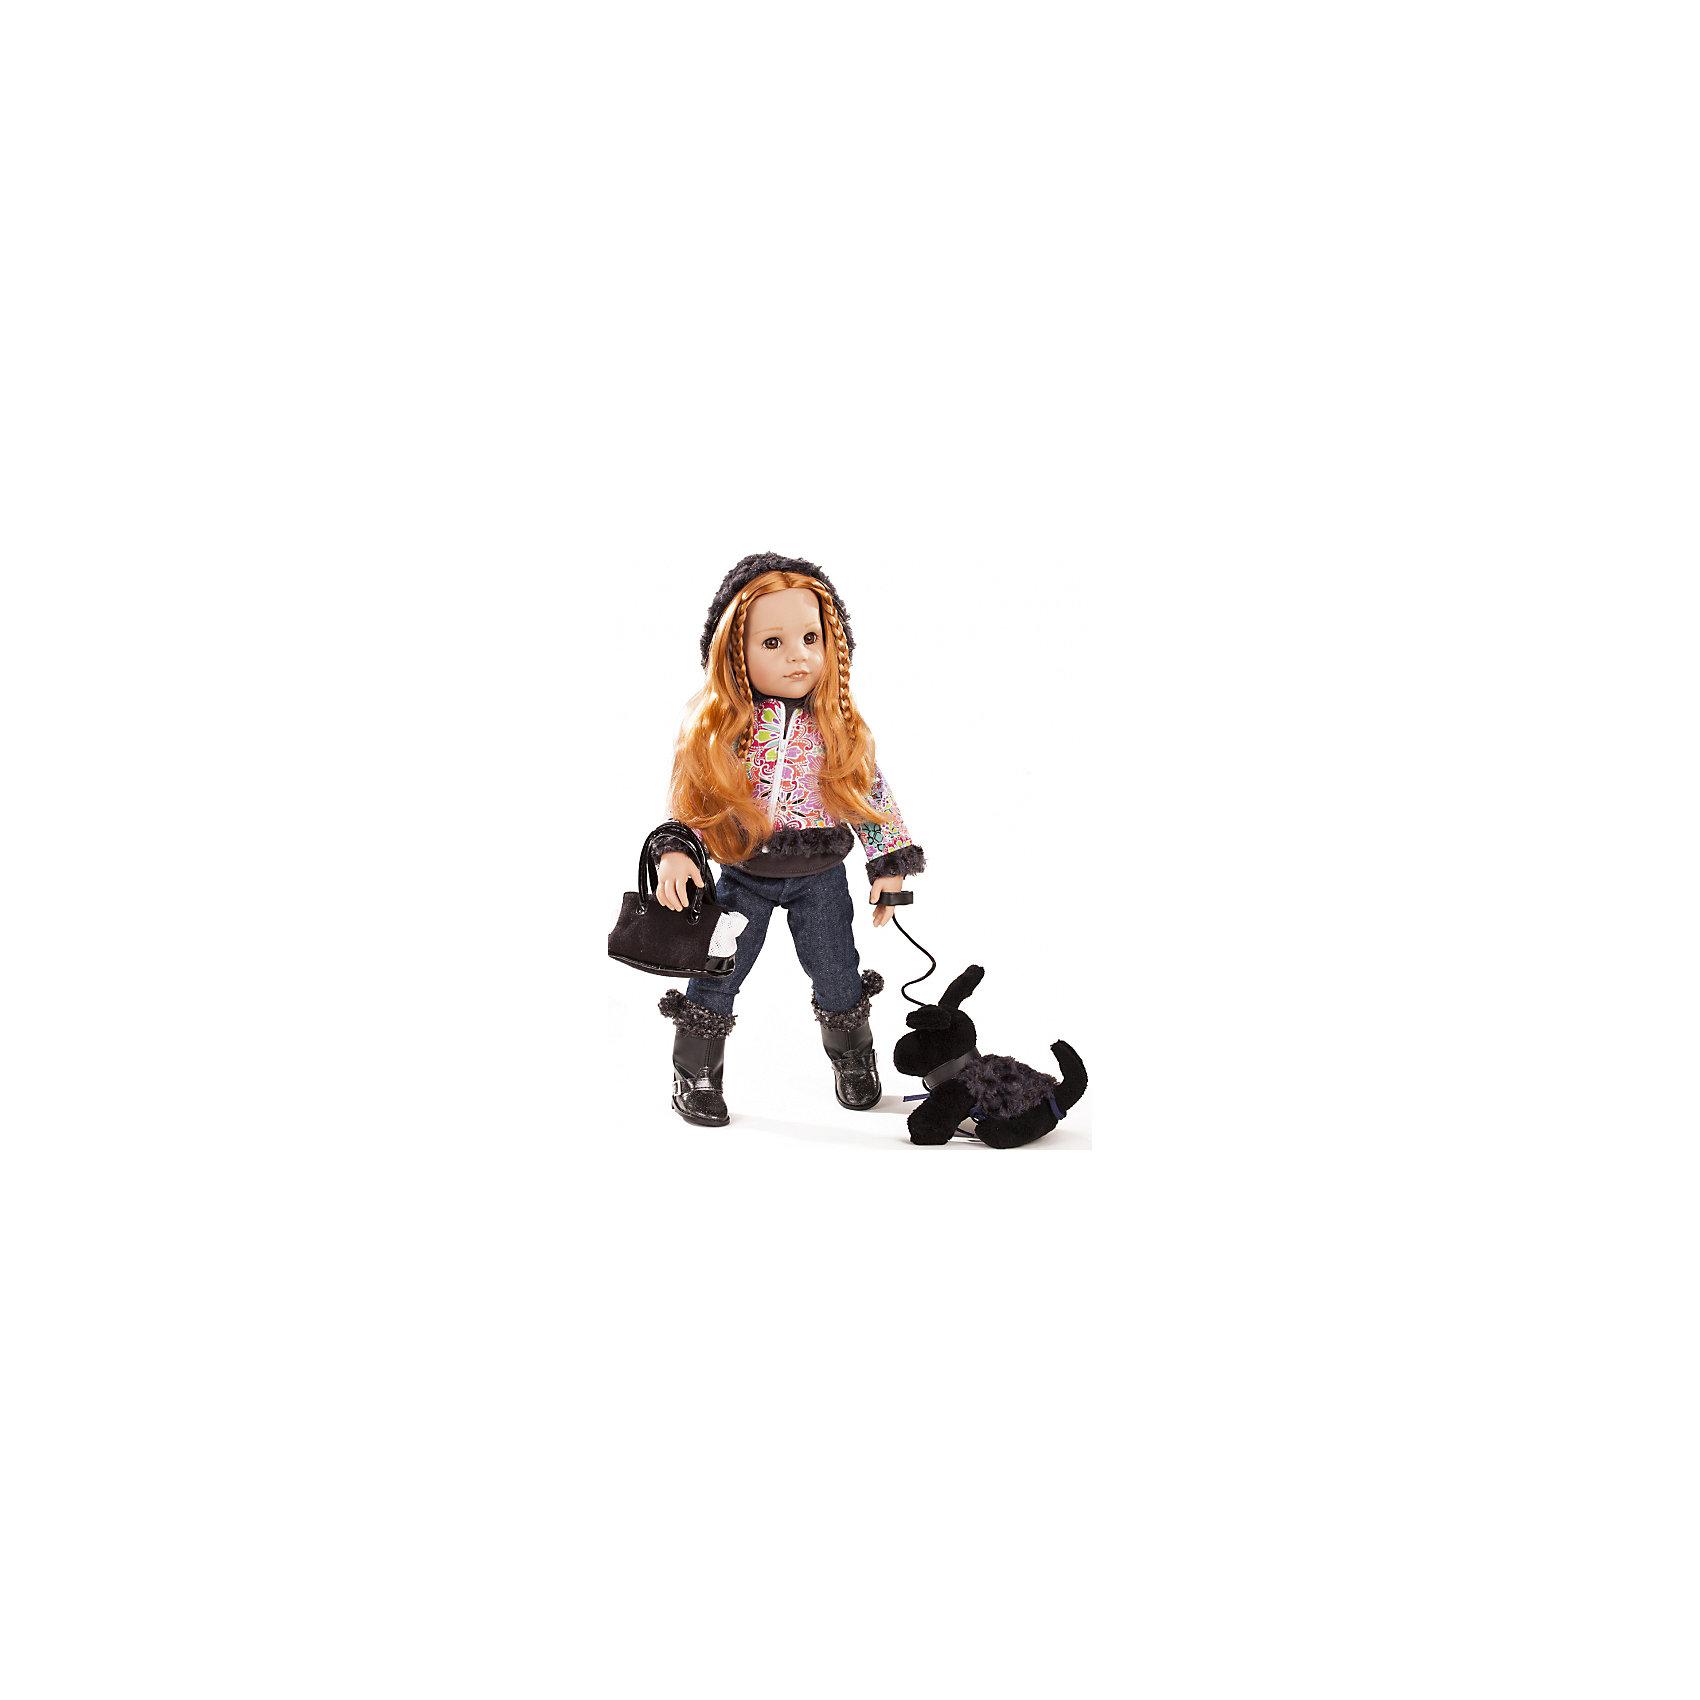 Кукла Ханна с собачкой, 50 см, G?tzОчаровательная кукла Ханна с собачкой станет замечательным подарком для девочки. С красивой куклой, которая так похожа на настоящую девочку, можно проводить много времени вместе, придумывая увлекательные сюжеты для игр. Кукла Gotz с виниловым подвижным телом подходит для активных игр дома и на улице. Куклу можно переодевать и делать различные прически. Ханна обожает гулять со своей маленькой черной собачкой в парке. К тому же, это позволяет ей выйти на улицу в своем новом стильном наряде! Ее рыжие волосы блестят в лучах солнца, делая ее еще красивее. Куколка одета в теплый комплект одежды, на ней яркая курточка, джинсы и сапожки, в руках сумочка. В комплекте: кукла Ханна в одежде и обуви, сумочка, игрушечная черная собачка на поводке. Куклу можно мыть, для поддержания одежды в опрятном виде рекомендуется щадящая машинная стирка при температуре 30 градусов.<br><br>Ширина мм: 527<br>Глубина мм: 384<br>Высота мм: 140<br>Вес г: 1800<br>Возраст от месяцев: 36<br>Возраст до месяцев: 144<br>Пол: Женский<br>Возраст: Детский<br>SKU: 4813063